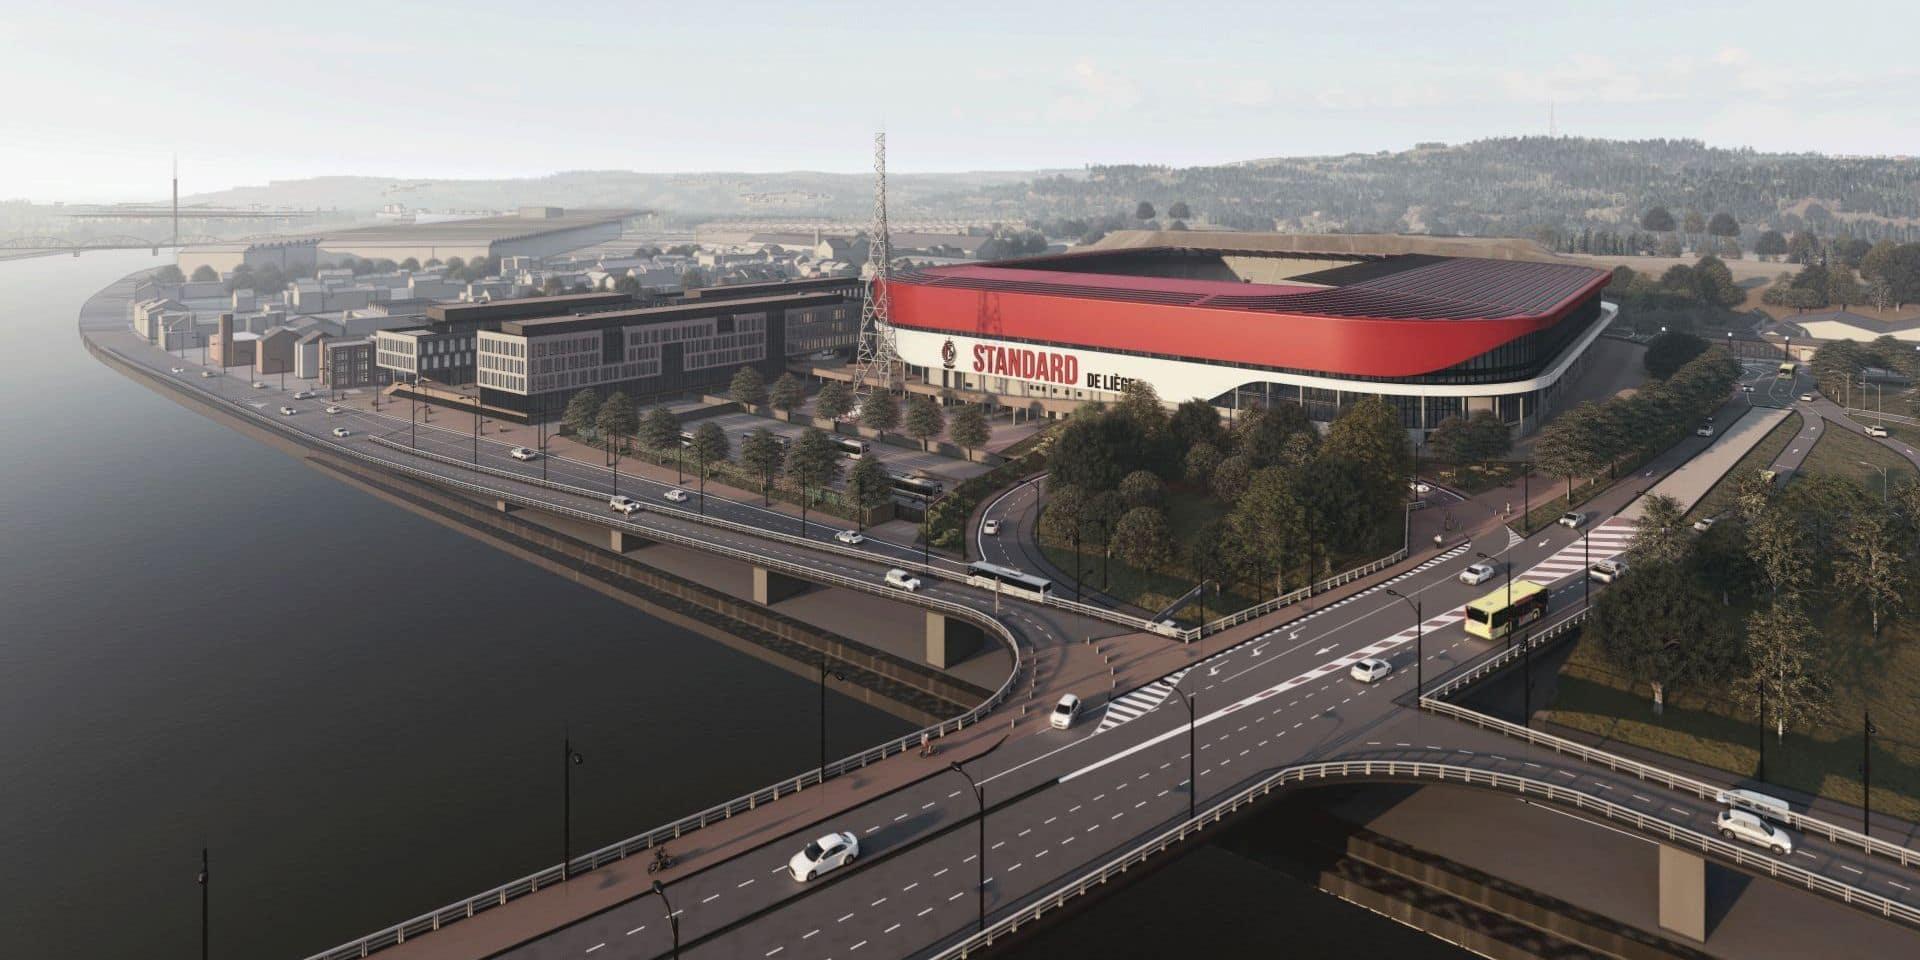 Le Standard a son permis pour son nouveau stade !